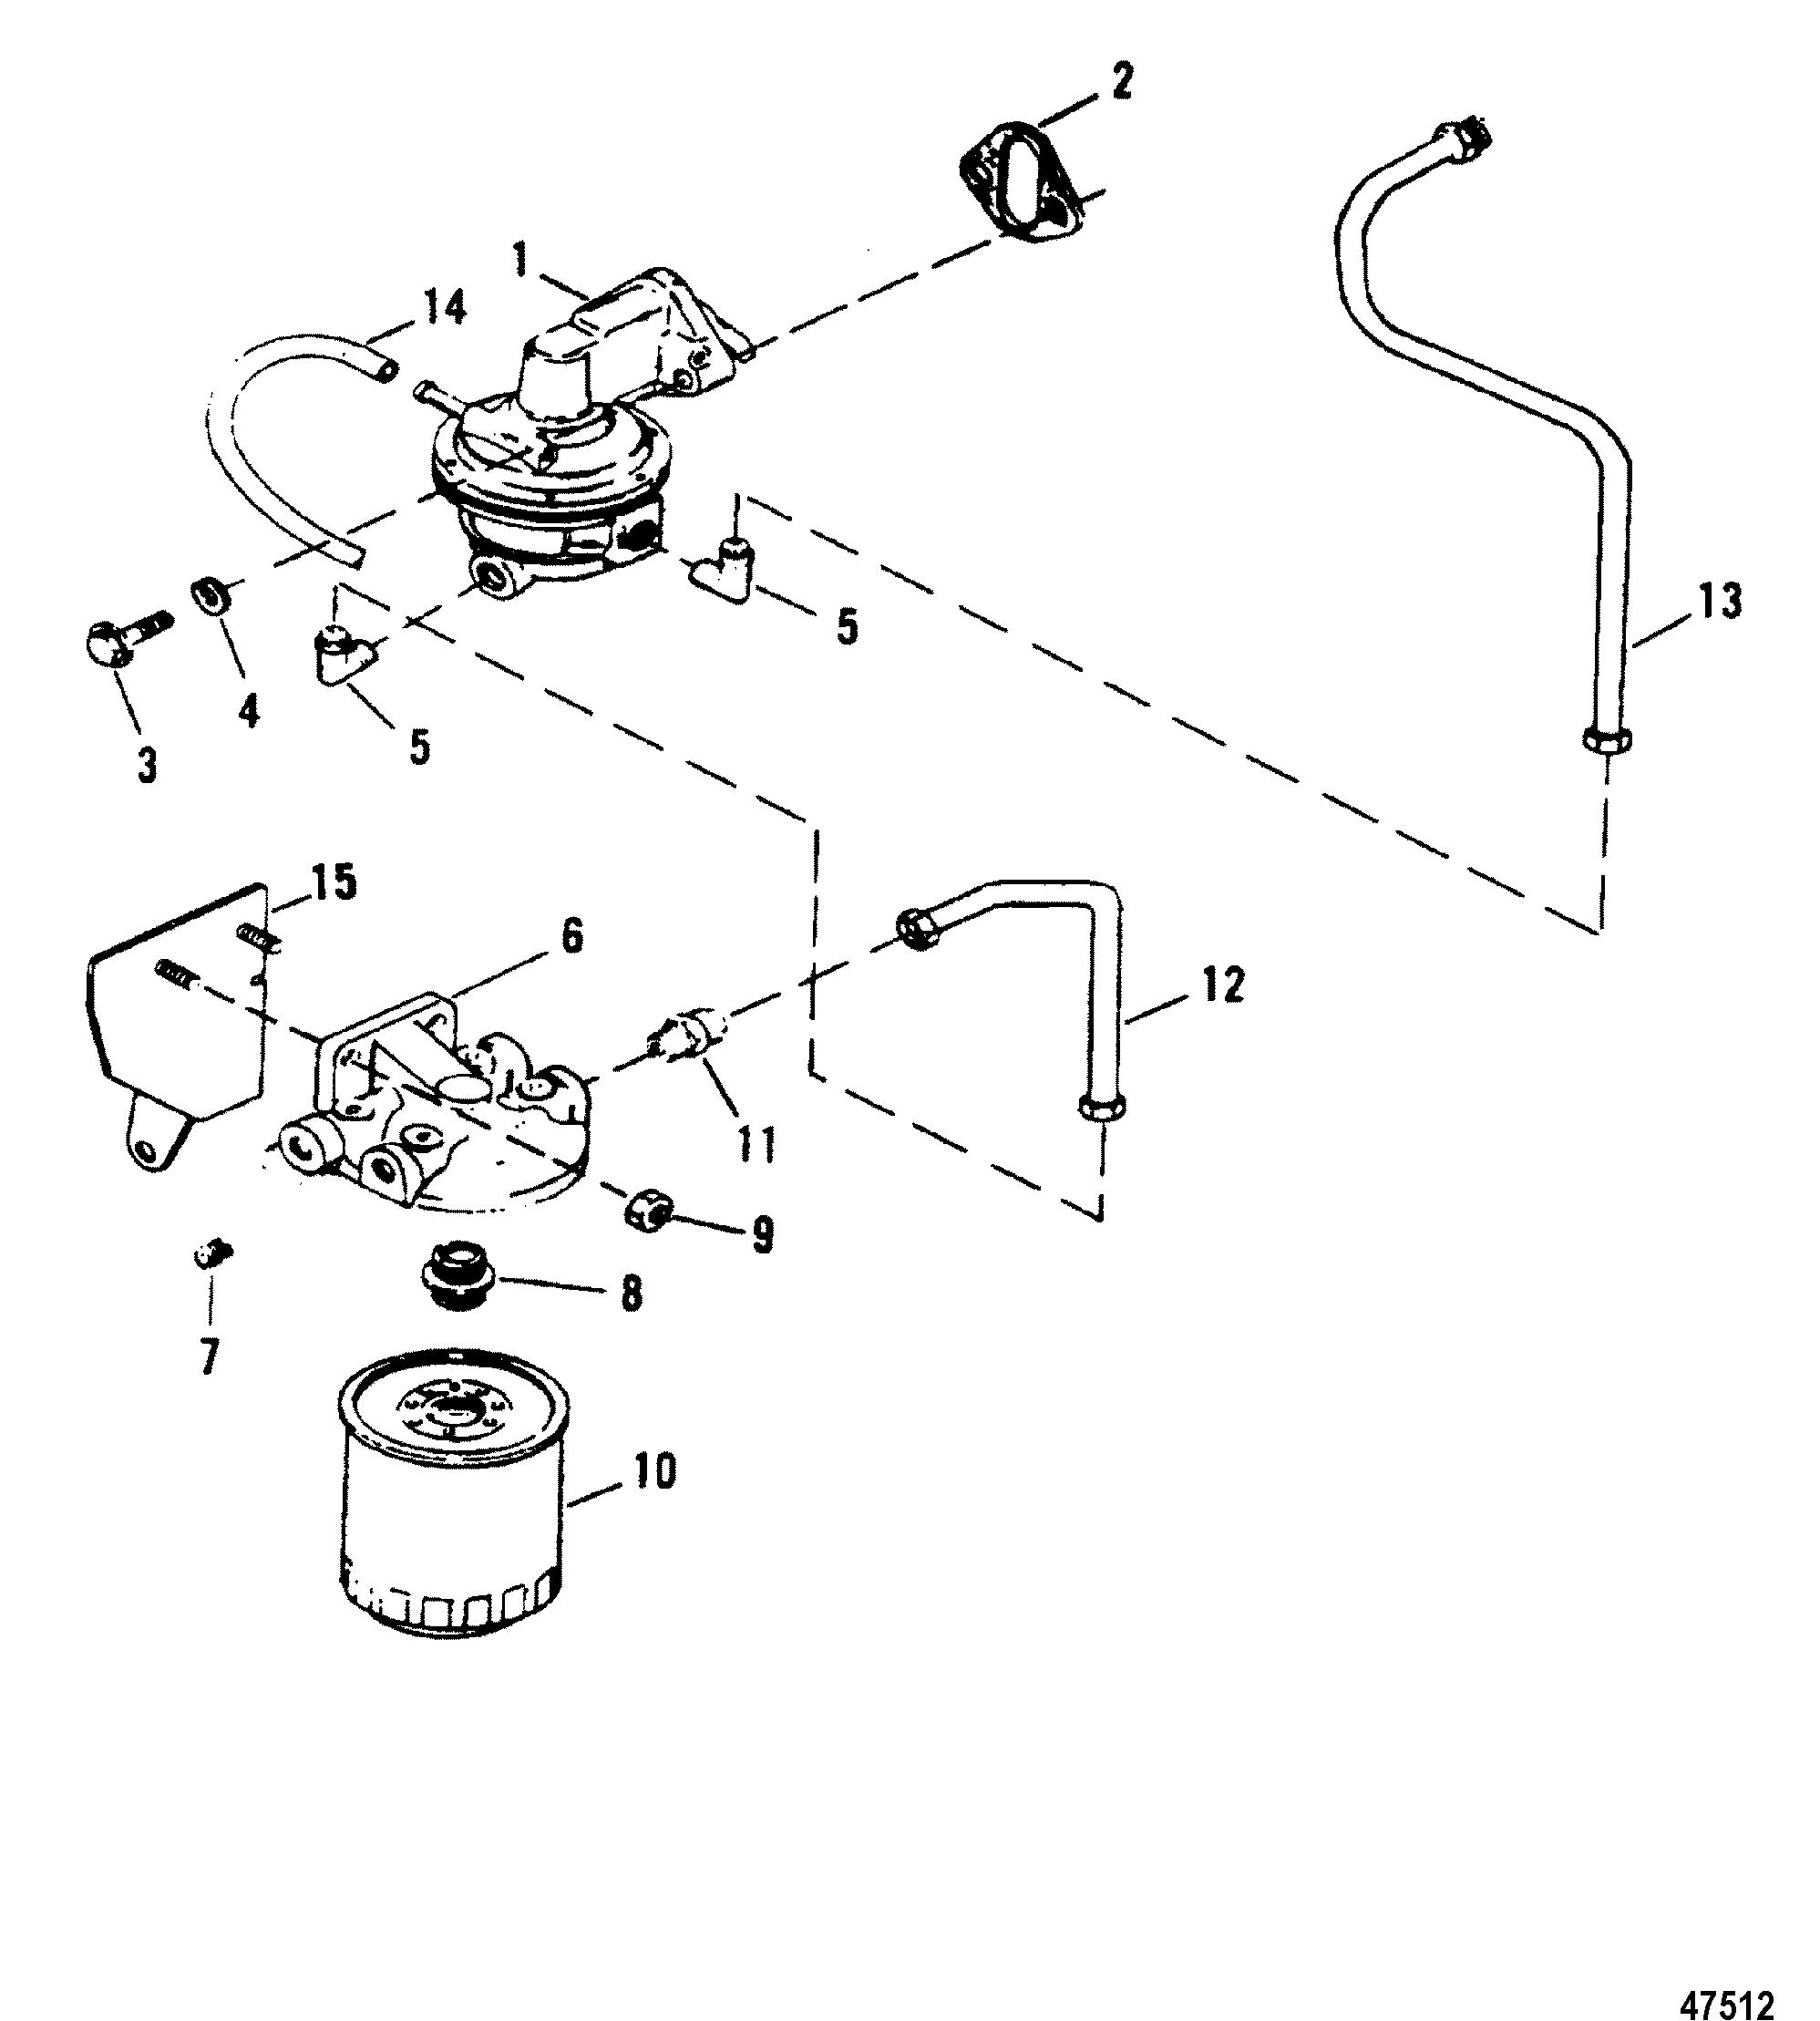 fuel pump and fuel filter for mercruiser 502 magnum bravo